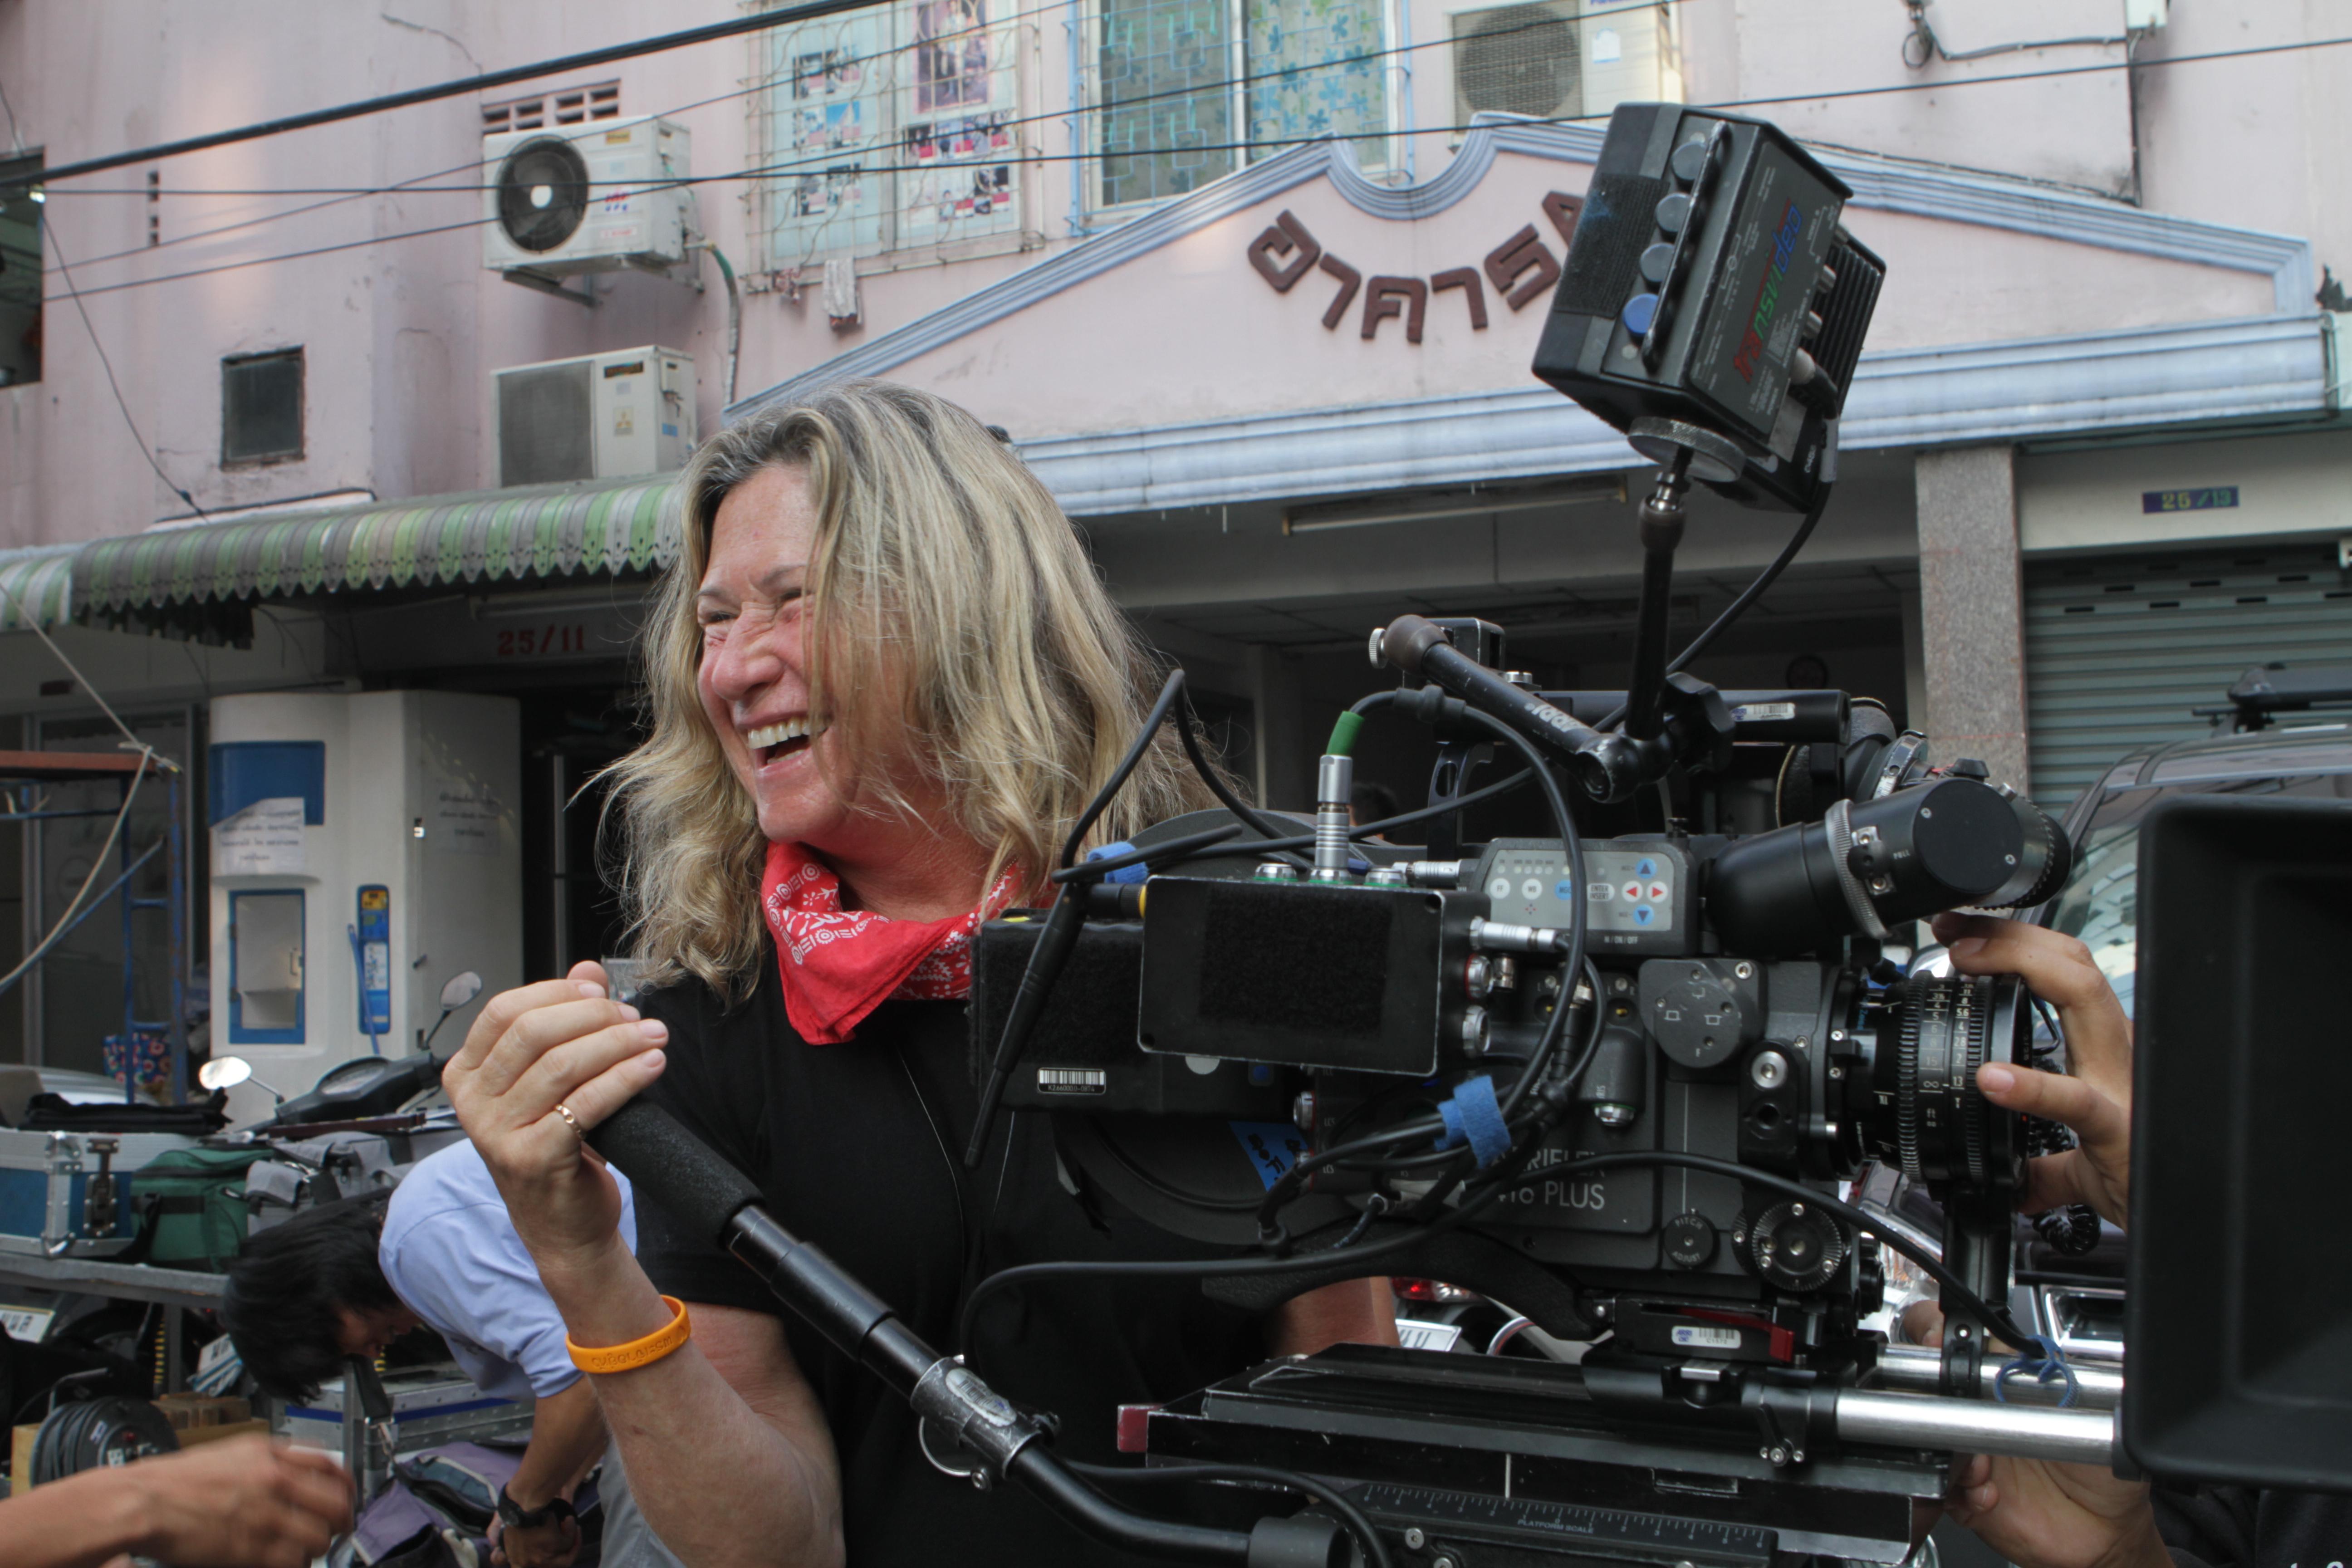 Harry Potter Camera Crew In View : Identitätssuche zwischen snapchat und harry potter